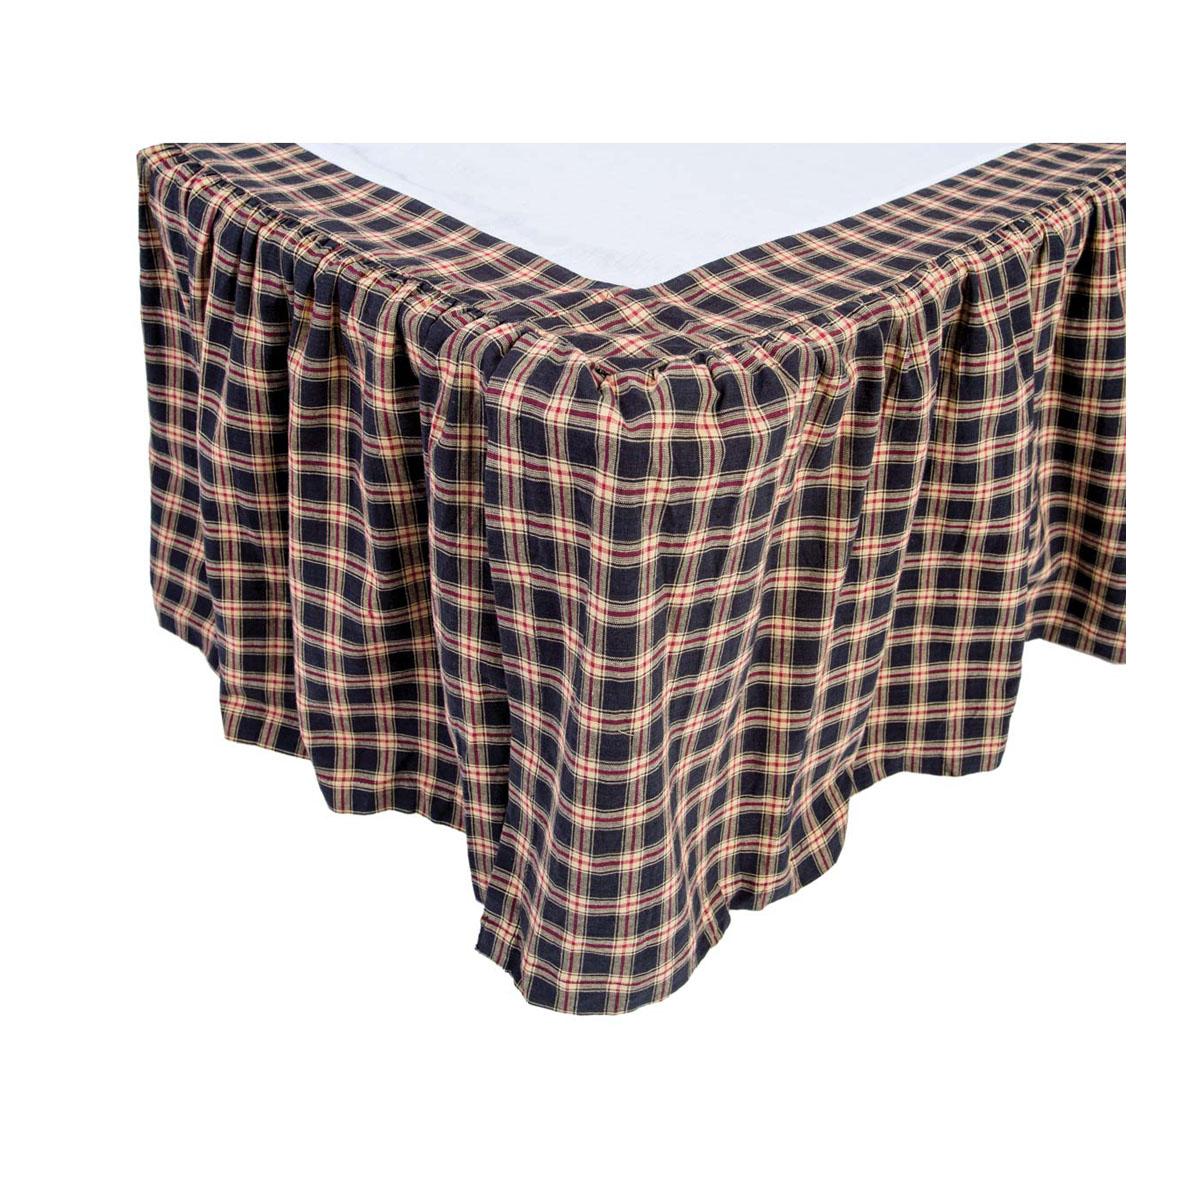 Bingham Star King Bed Skirt